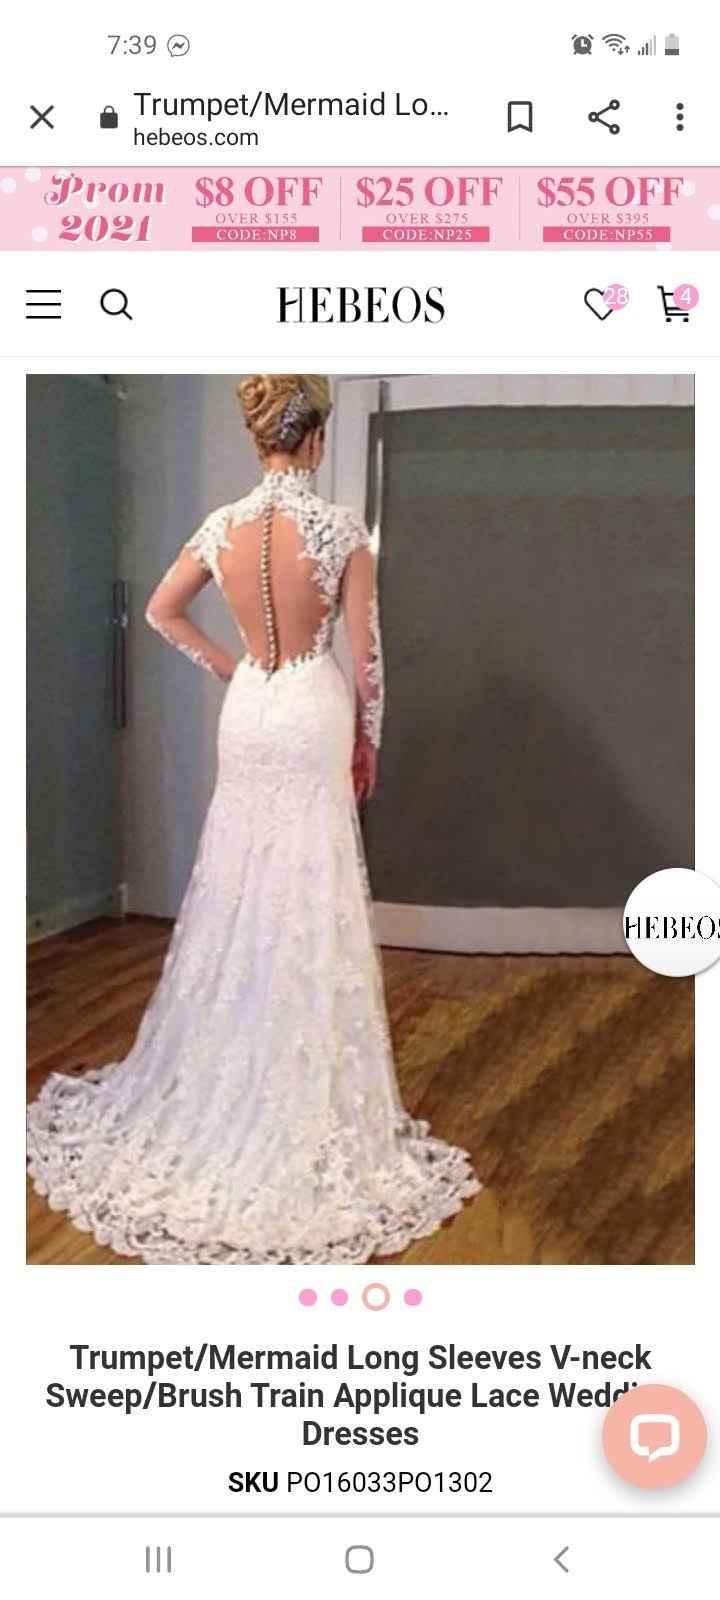 Dress opinion - 2